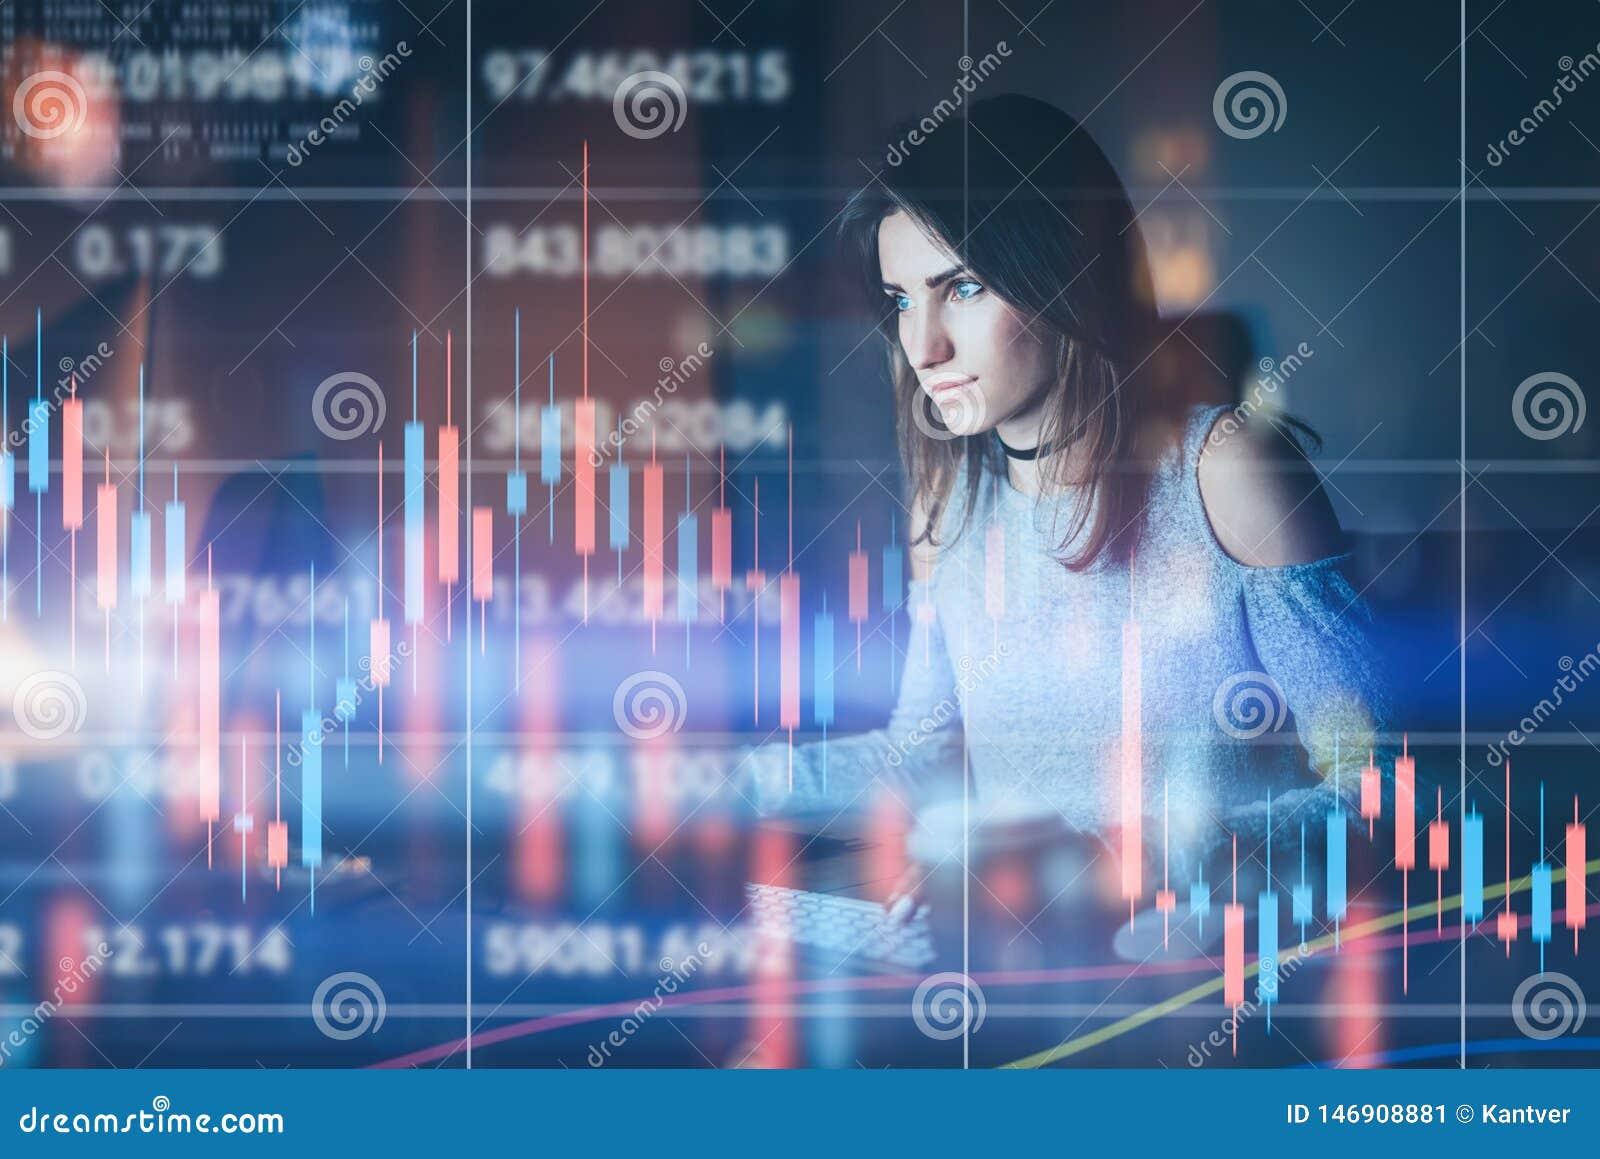 Traider de la mujer joven que trabaja en la oficina moderna de la noche Gráfico técnico del precio y carta del indicador, roja y